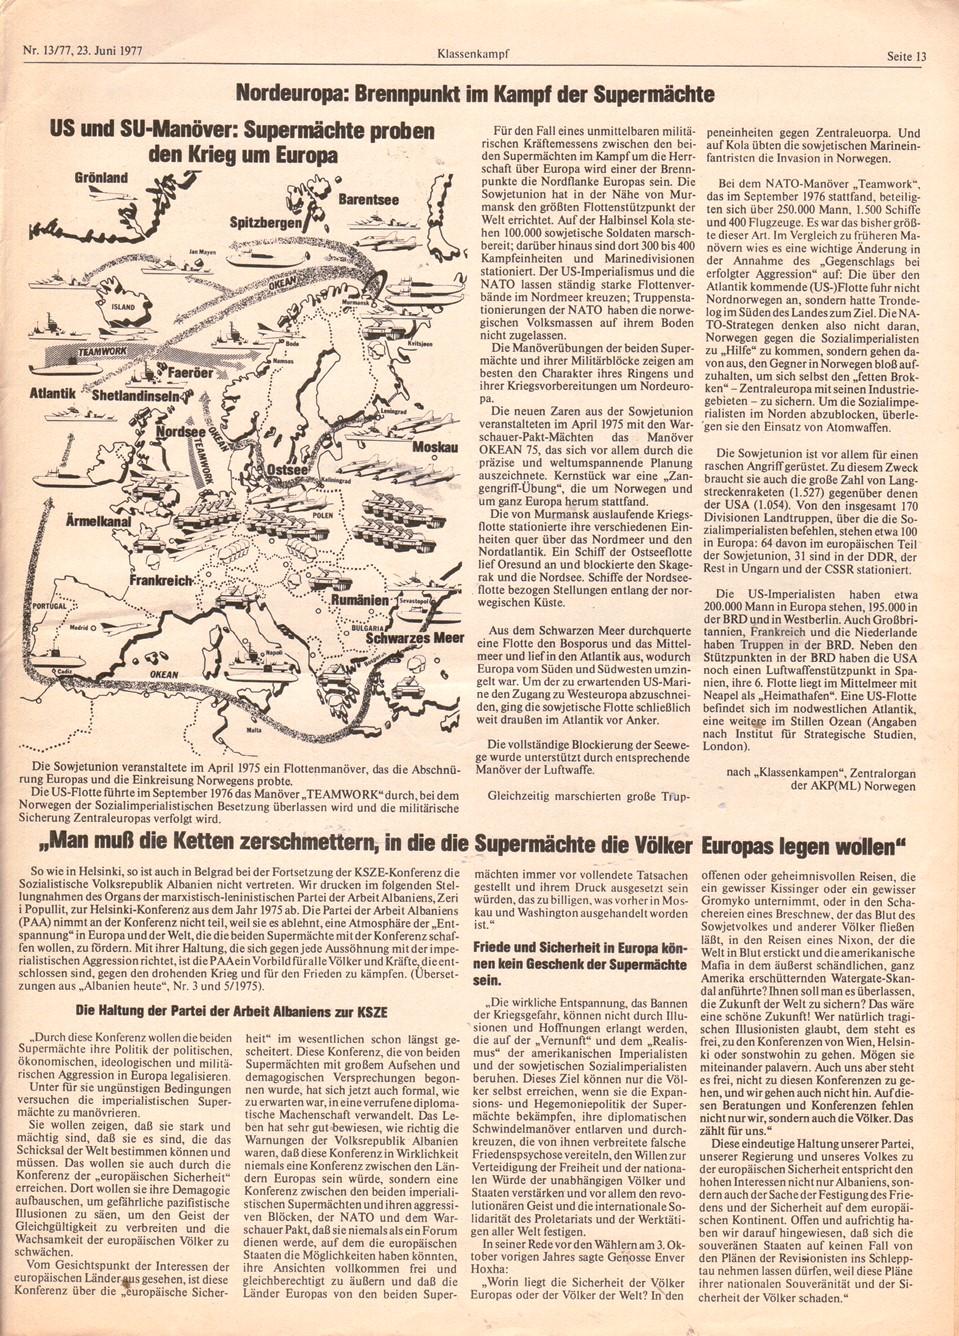 KBOe_Klassenkampf_1977_13_12